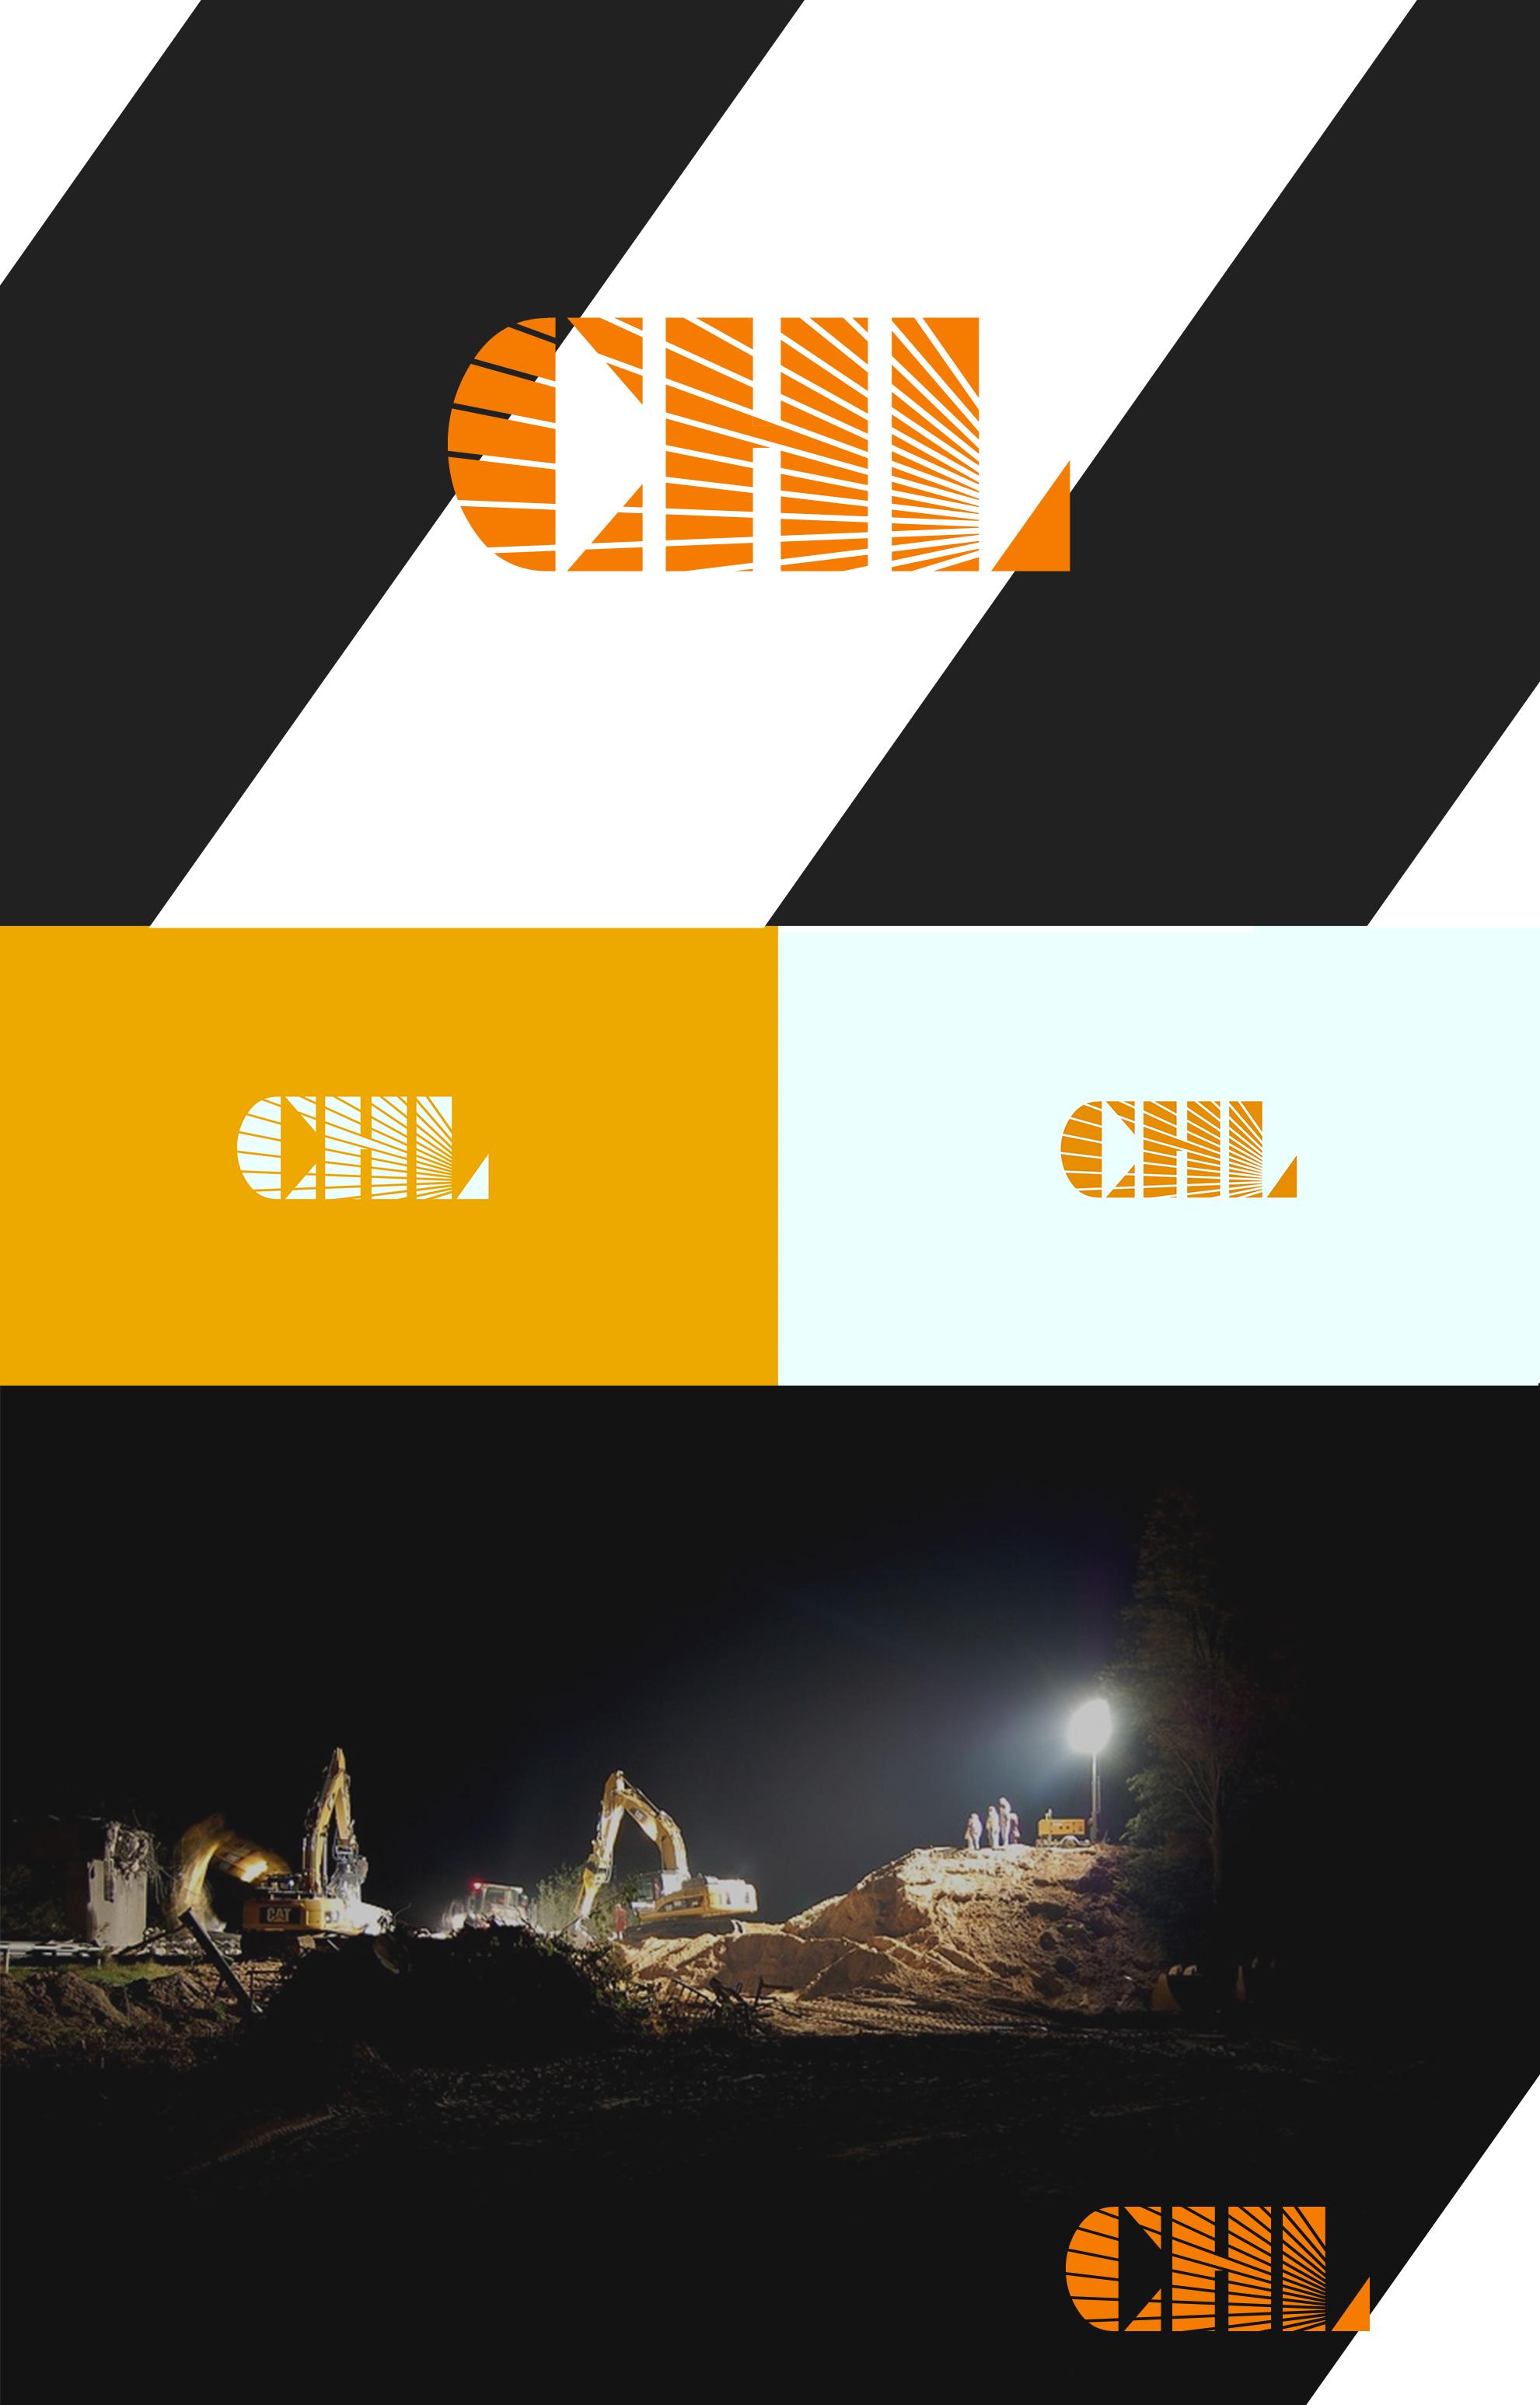 разработка логотипа для производителя фар фото f_5365f5b280152352.jpg